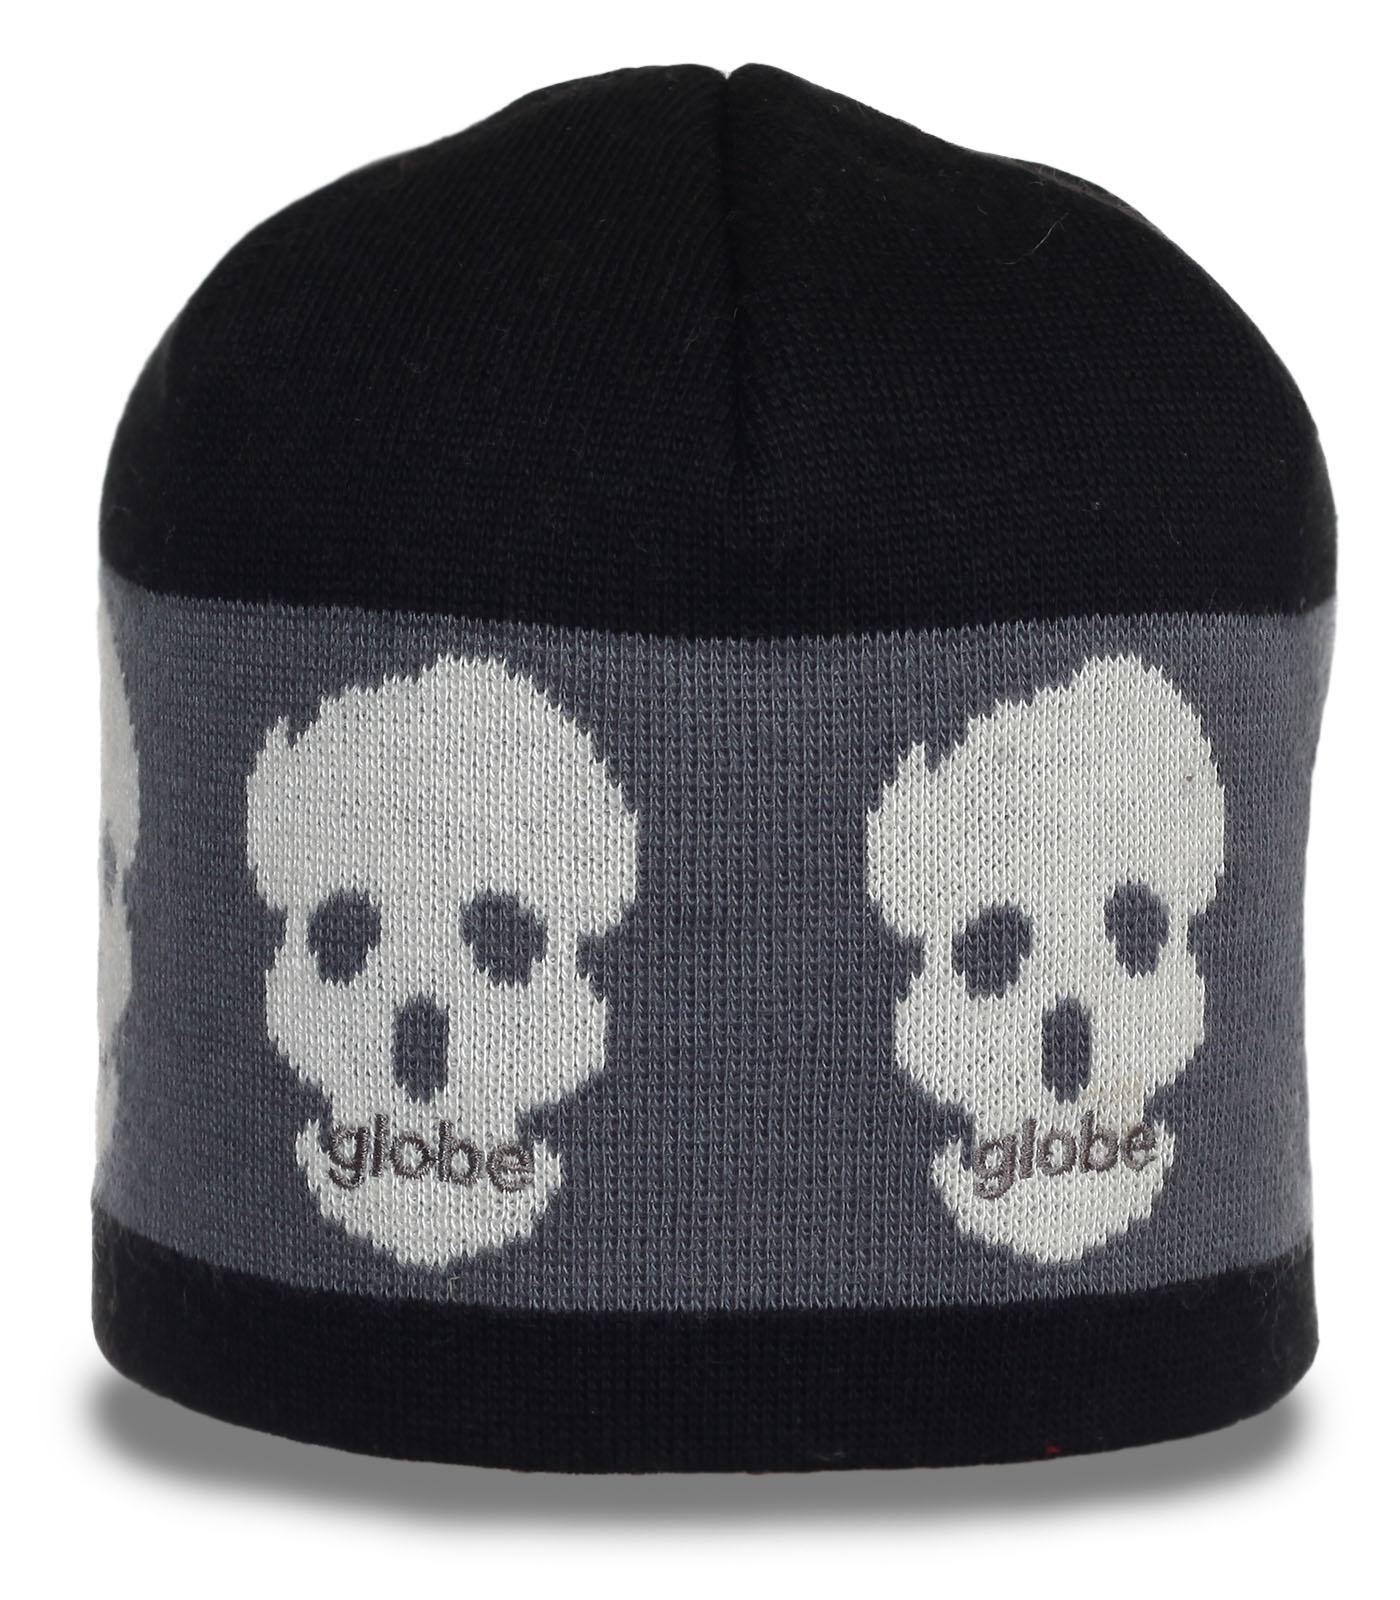 Теплая шапка Globe с черепами для крутых парней. Носи куда хочешь - выделяйся!